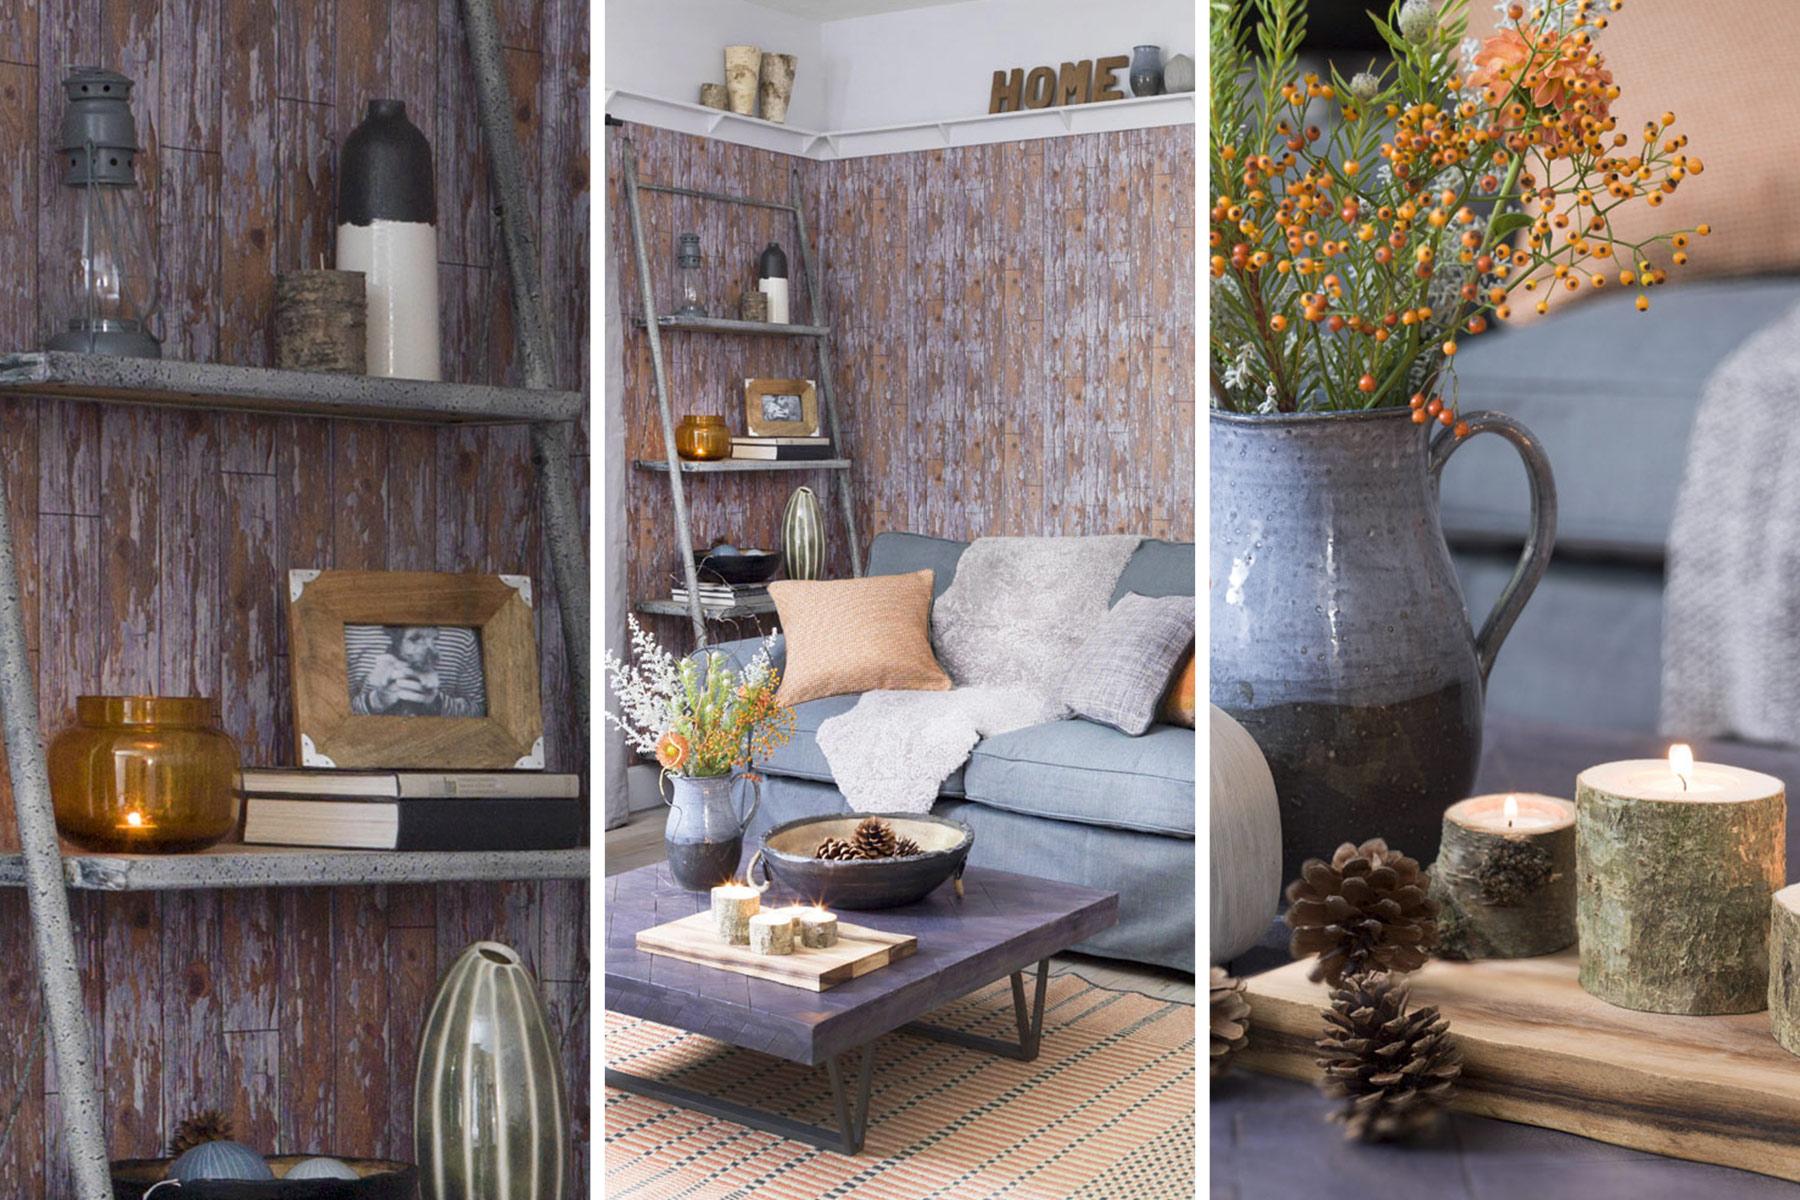 rustik oturma odasi dekorasyonu